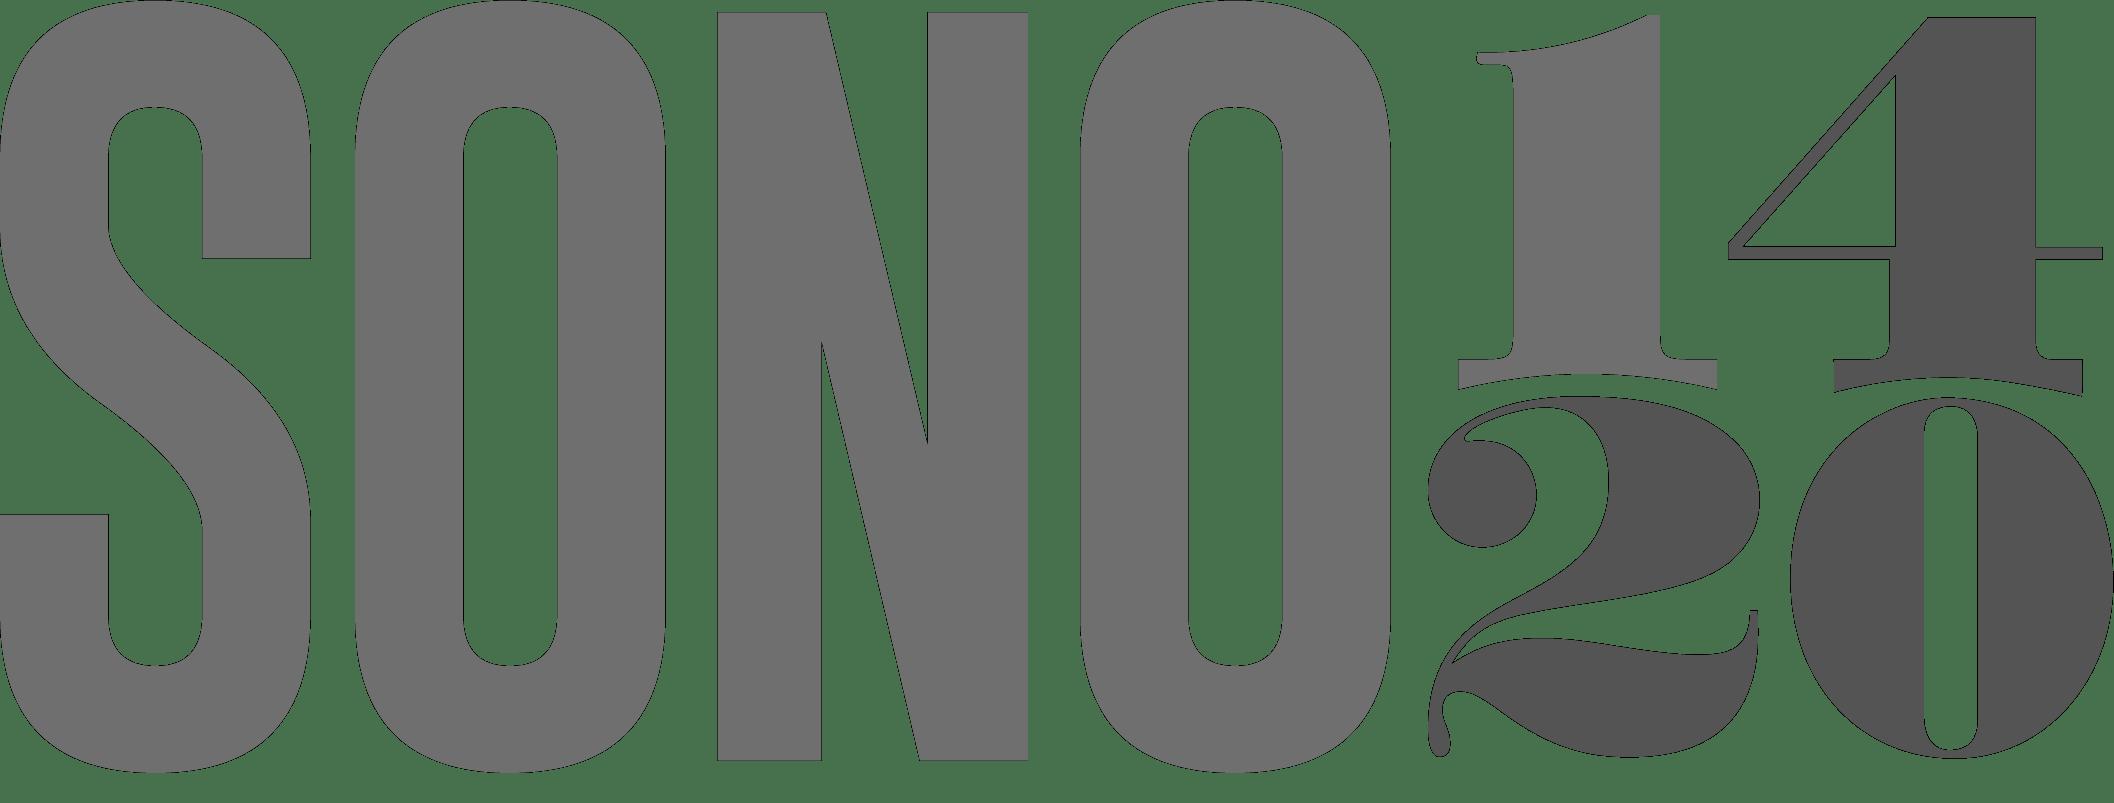 sono1420.com - top alcohol influencer brand